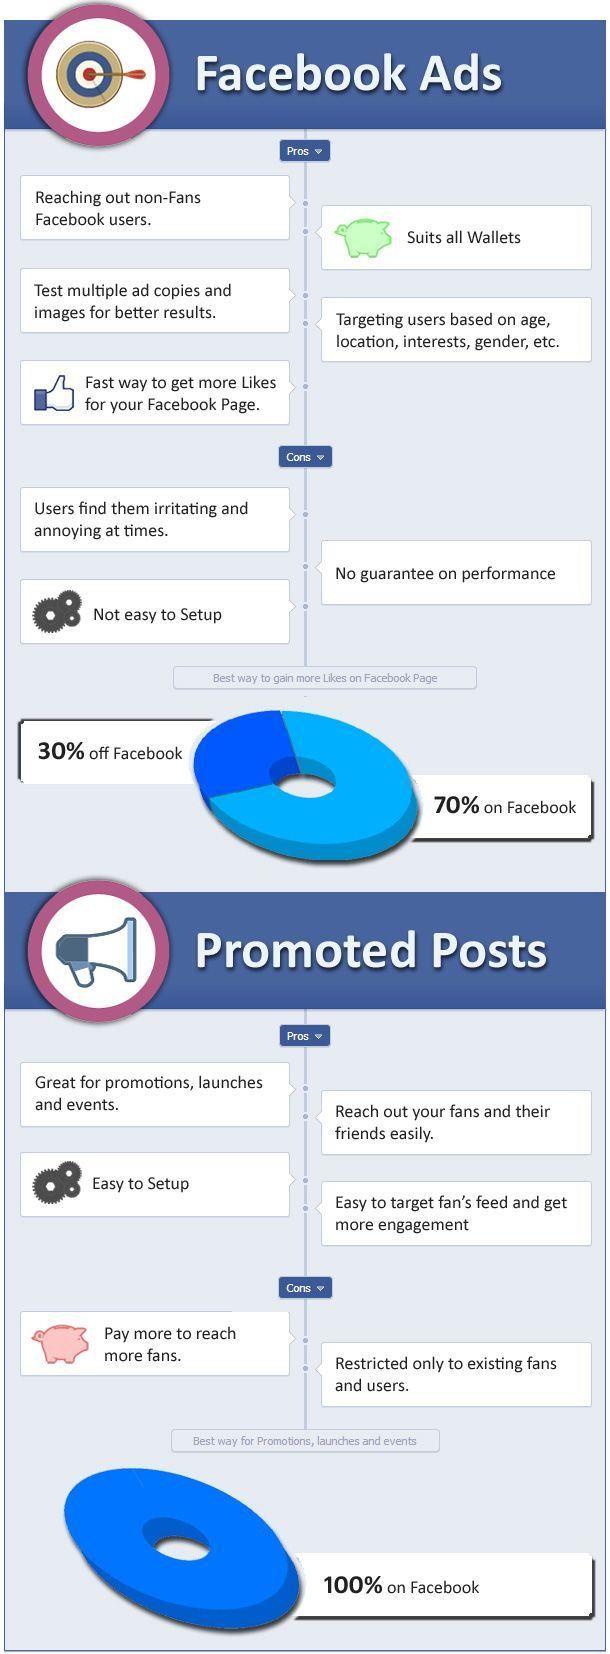 SOCIAL MEDIA - FaceBook Ads vs Promoted Posts. #socialmedia #marketing #facebookads